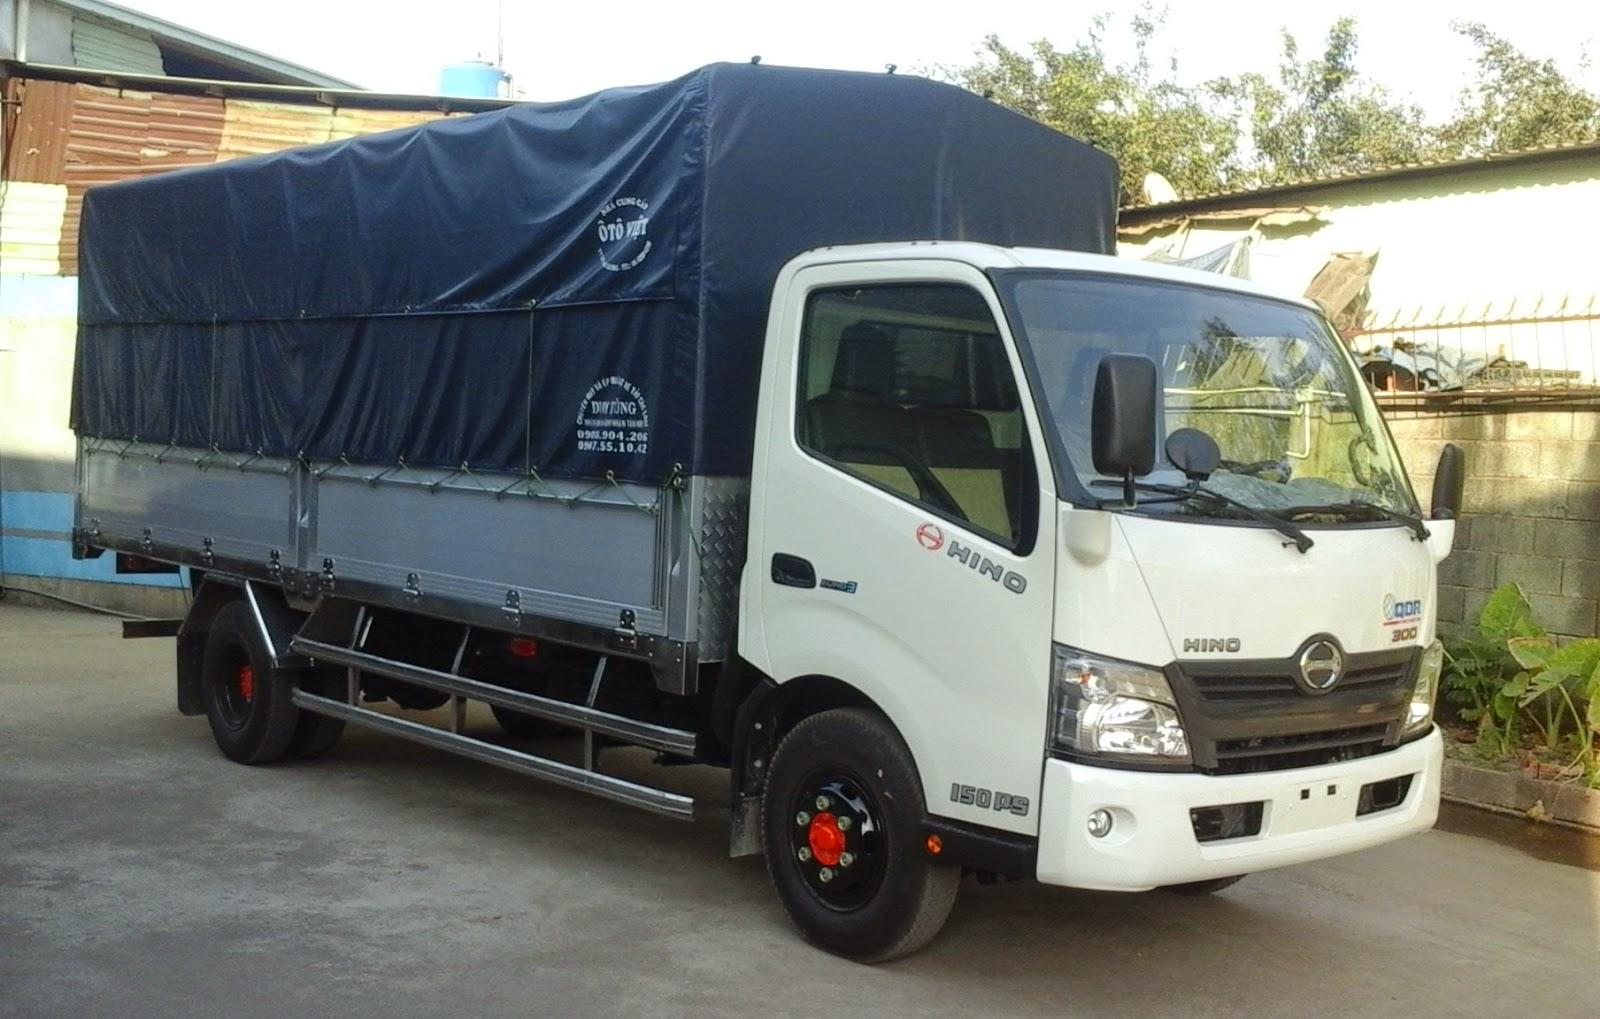 Công ty chuyên bán xe tải hino 5 tấn - Đại lý bán xe tải hino 5 tấn - Cửa hàng bán xe tải hino 5 tấn